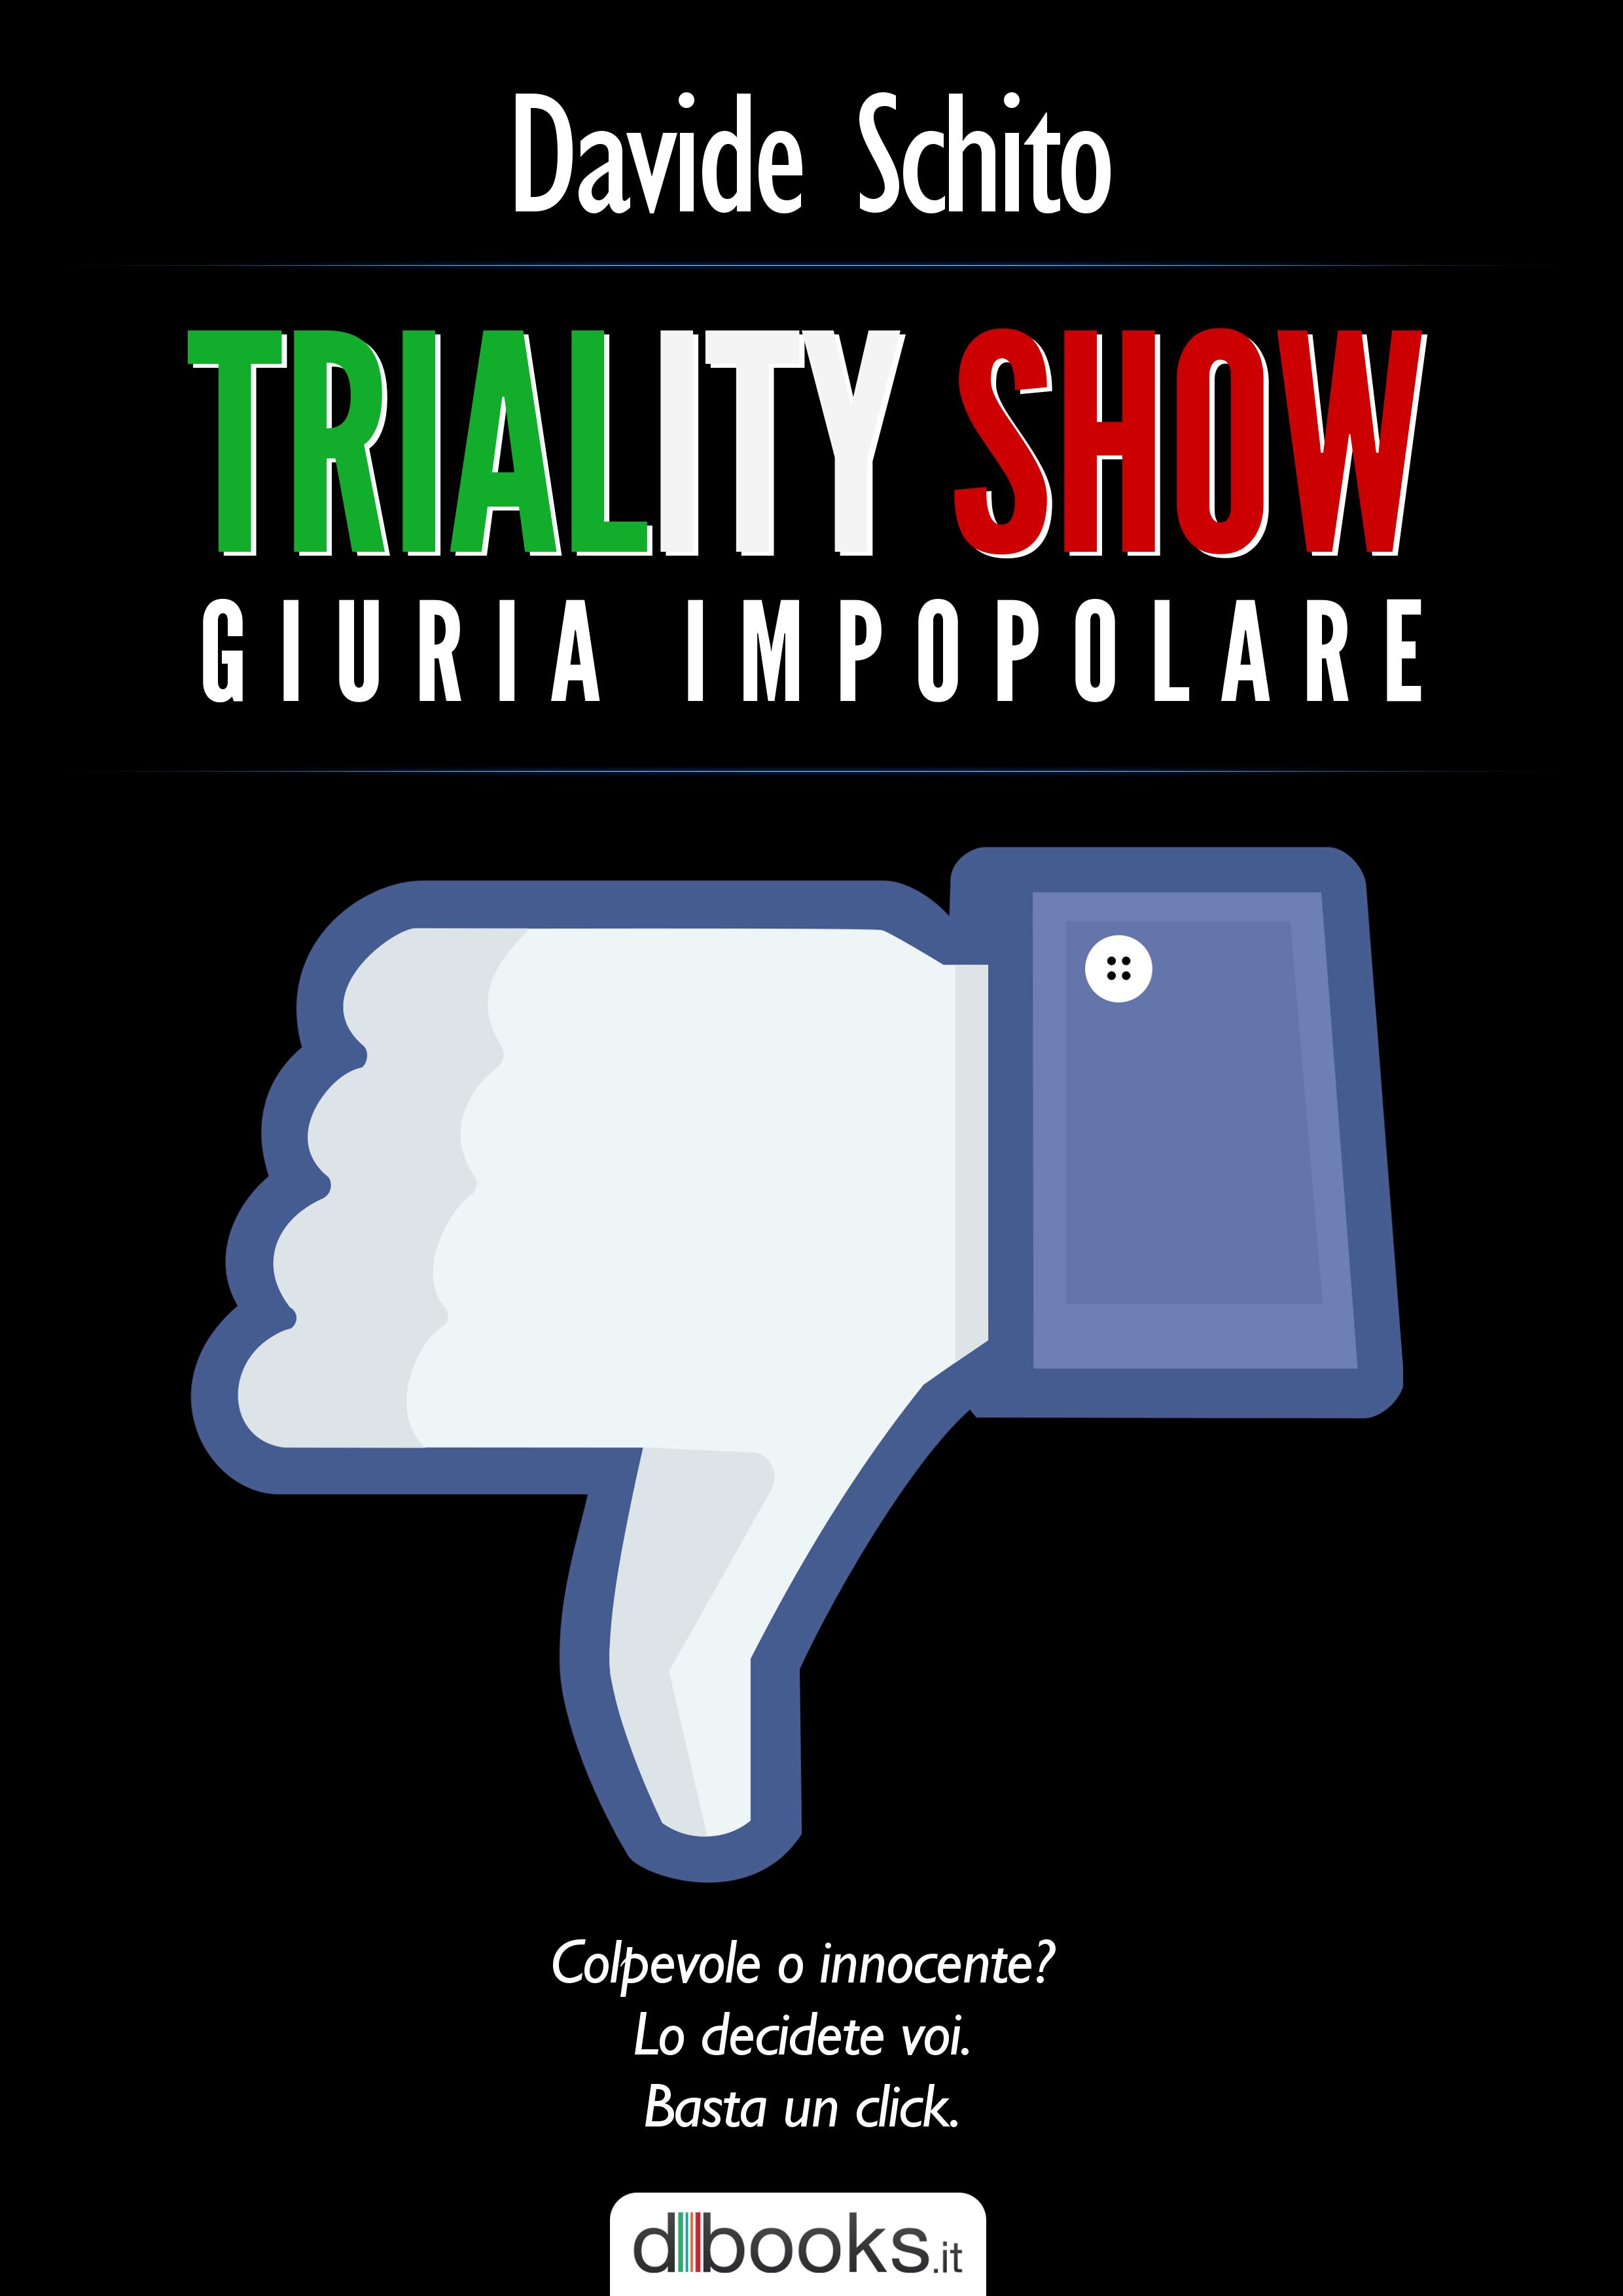 Triality Show